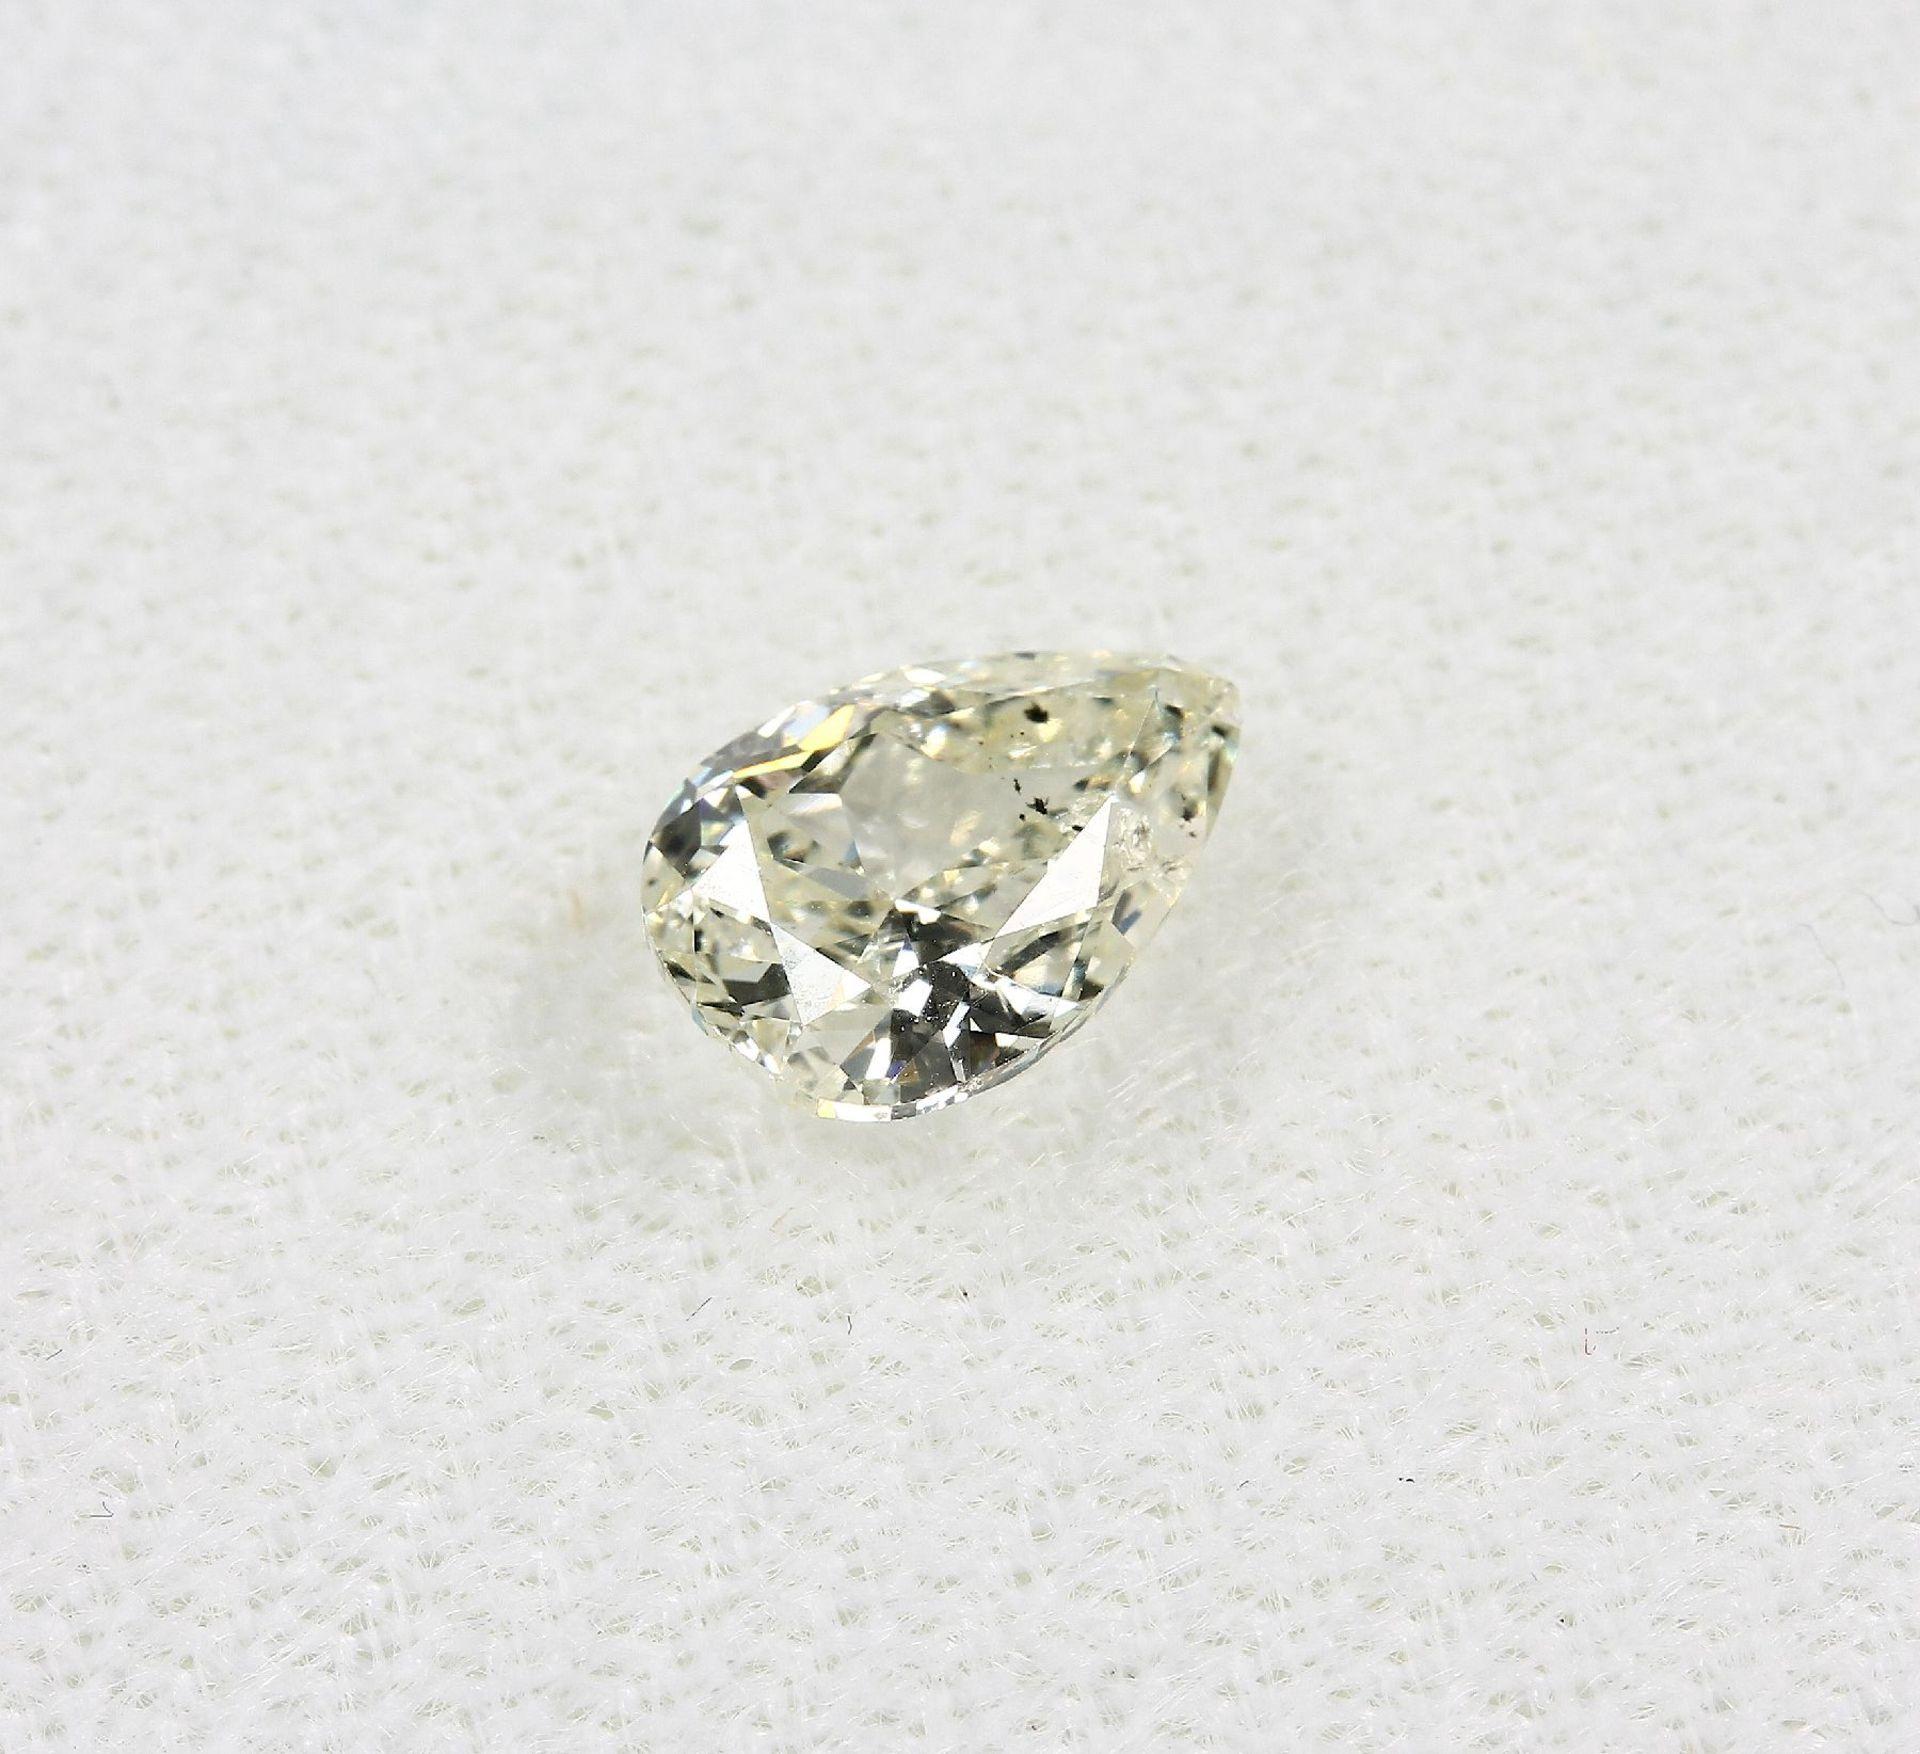 Loser Diamant, 1.02 ct get.Weiß (L)/p1, tropfenf. facett., mit HRD-Expertise Schätzpreis: 2565, - - Bild 4 aus 5